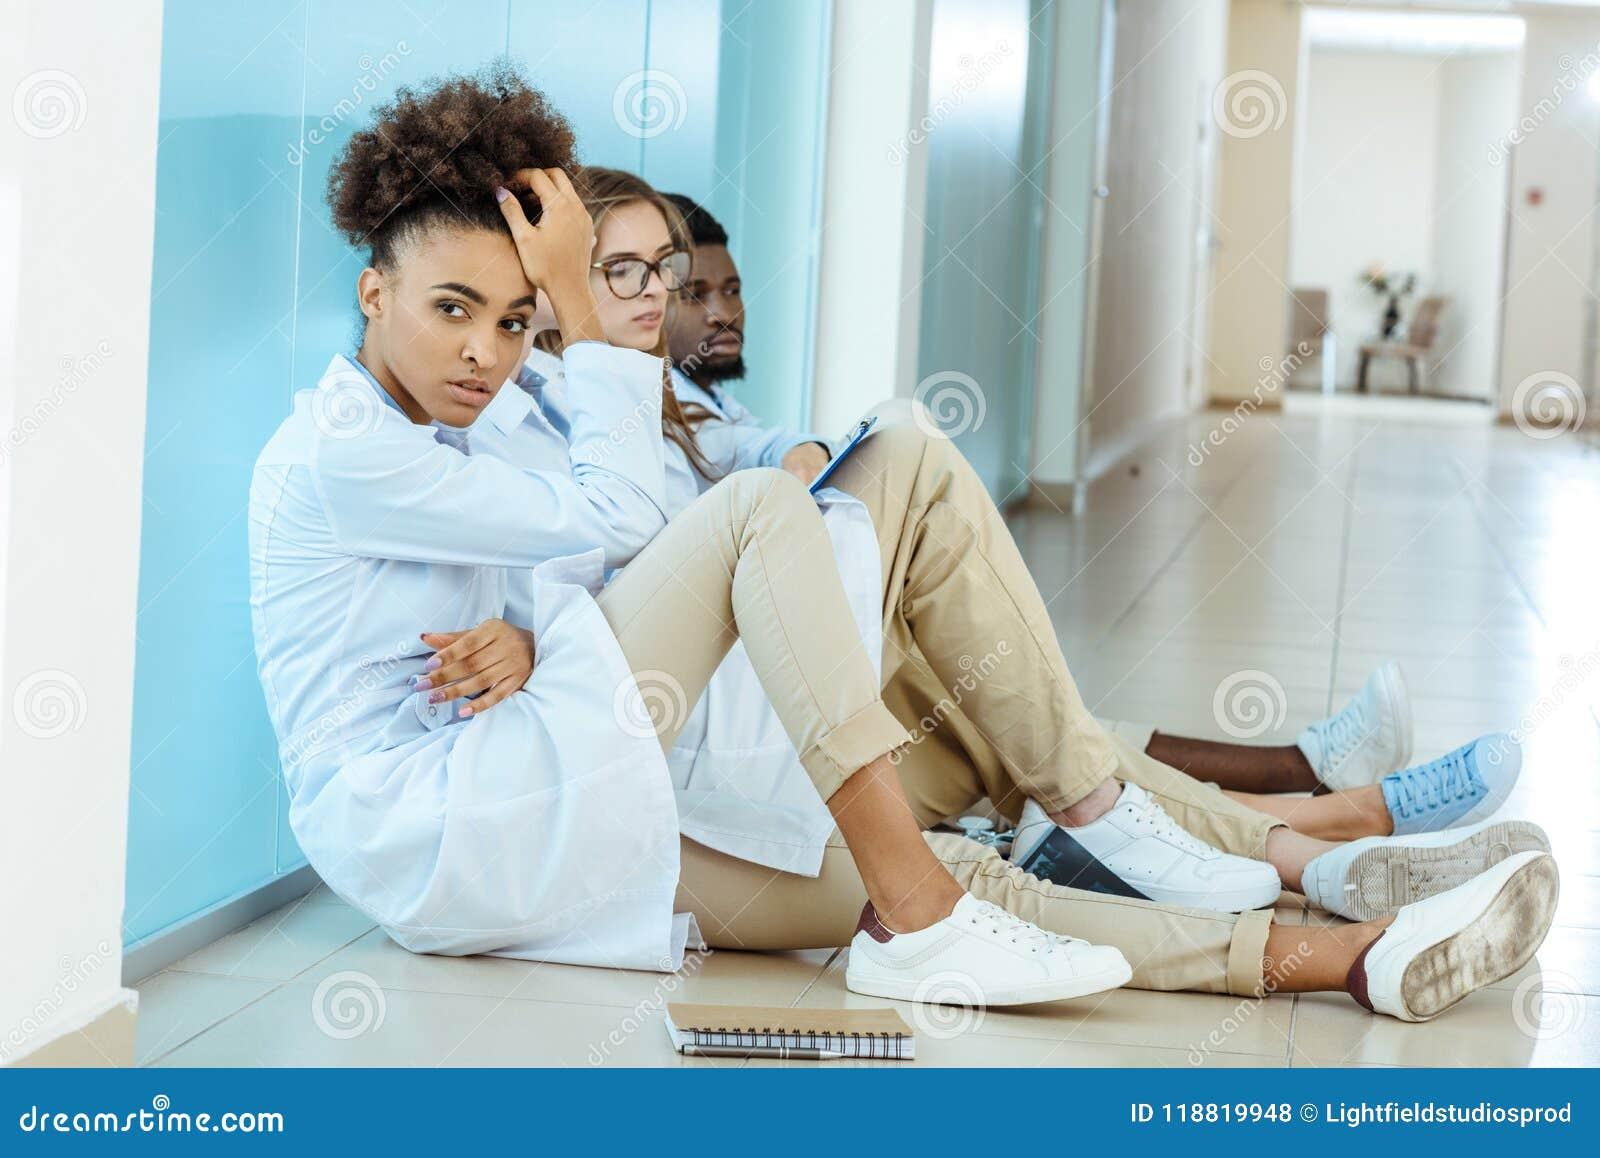 Drie jonge medische internen die in witte robes op een vloer zitten